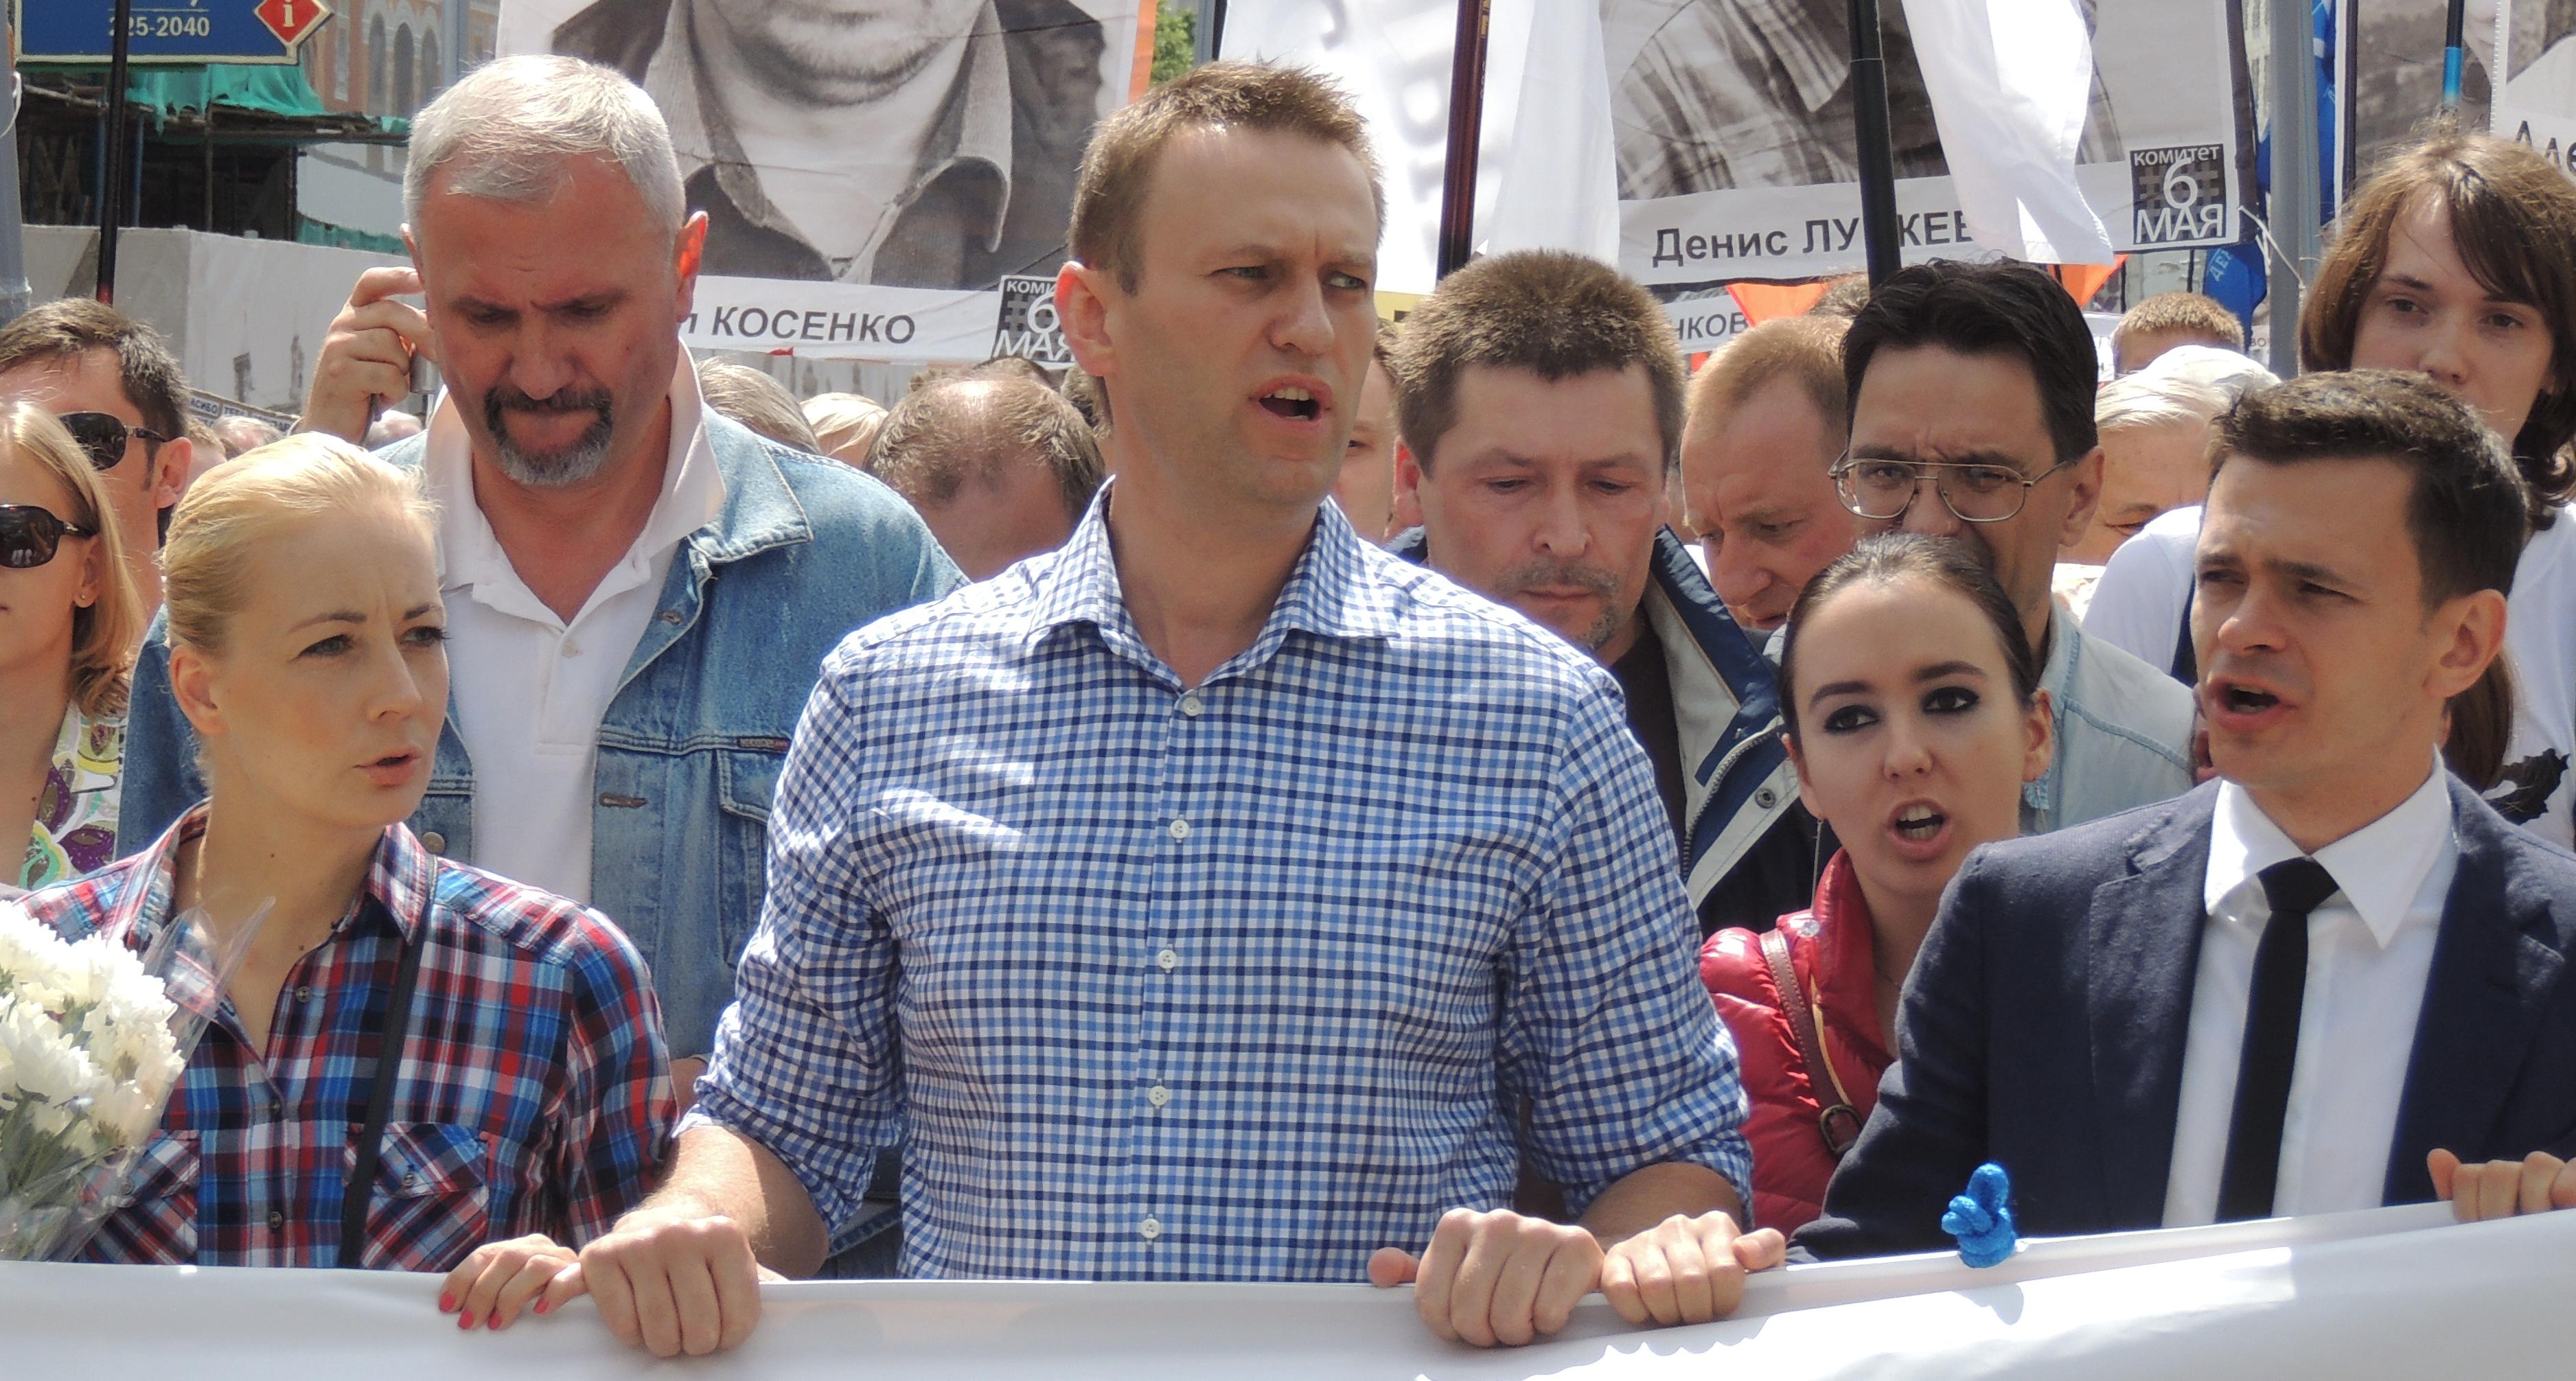 File:Yulia Navalny, Alexey Navalny, Anna Veduta and Ilya Yashin at Moscow  rally 2013-06-12 1.JPG - Wikimedia Commons